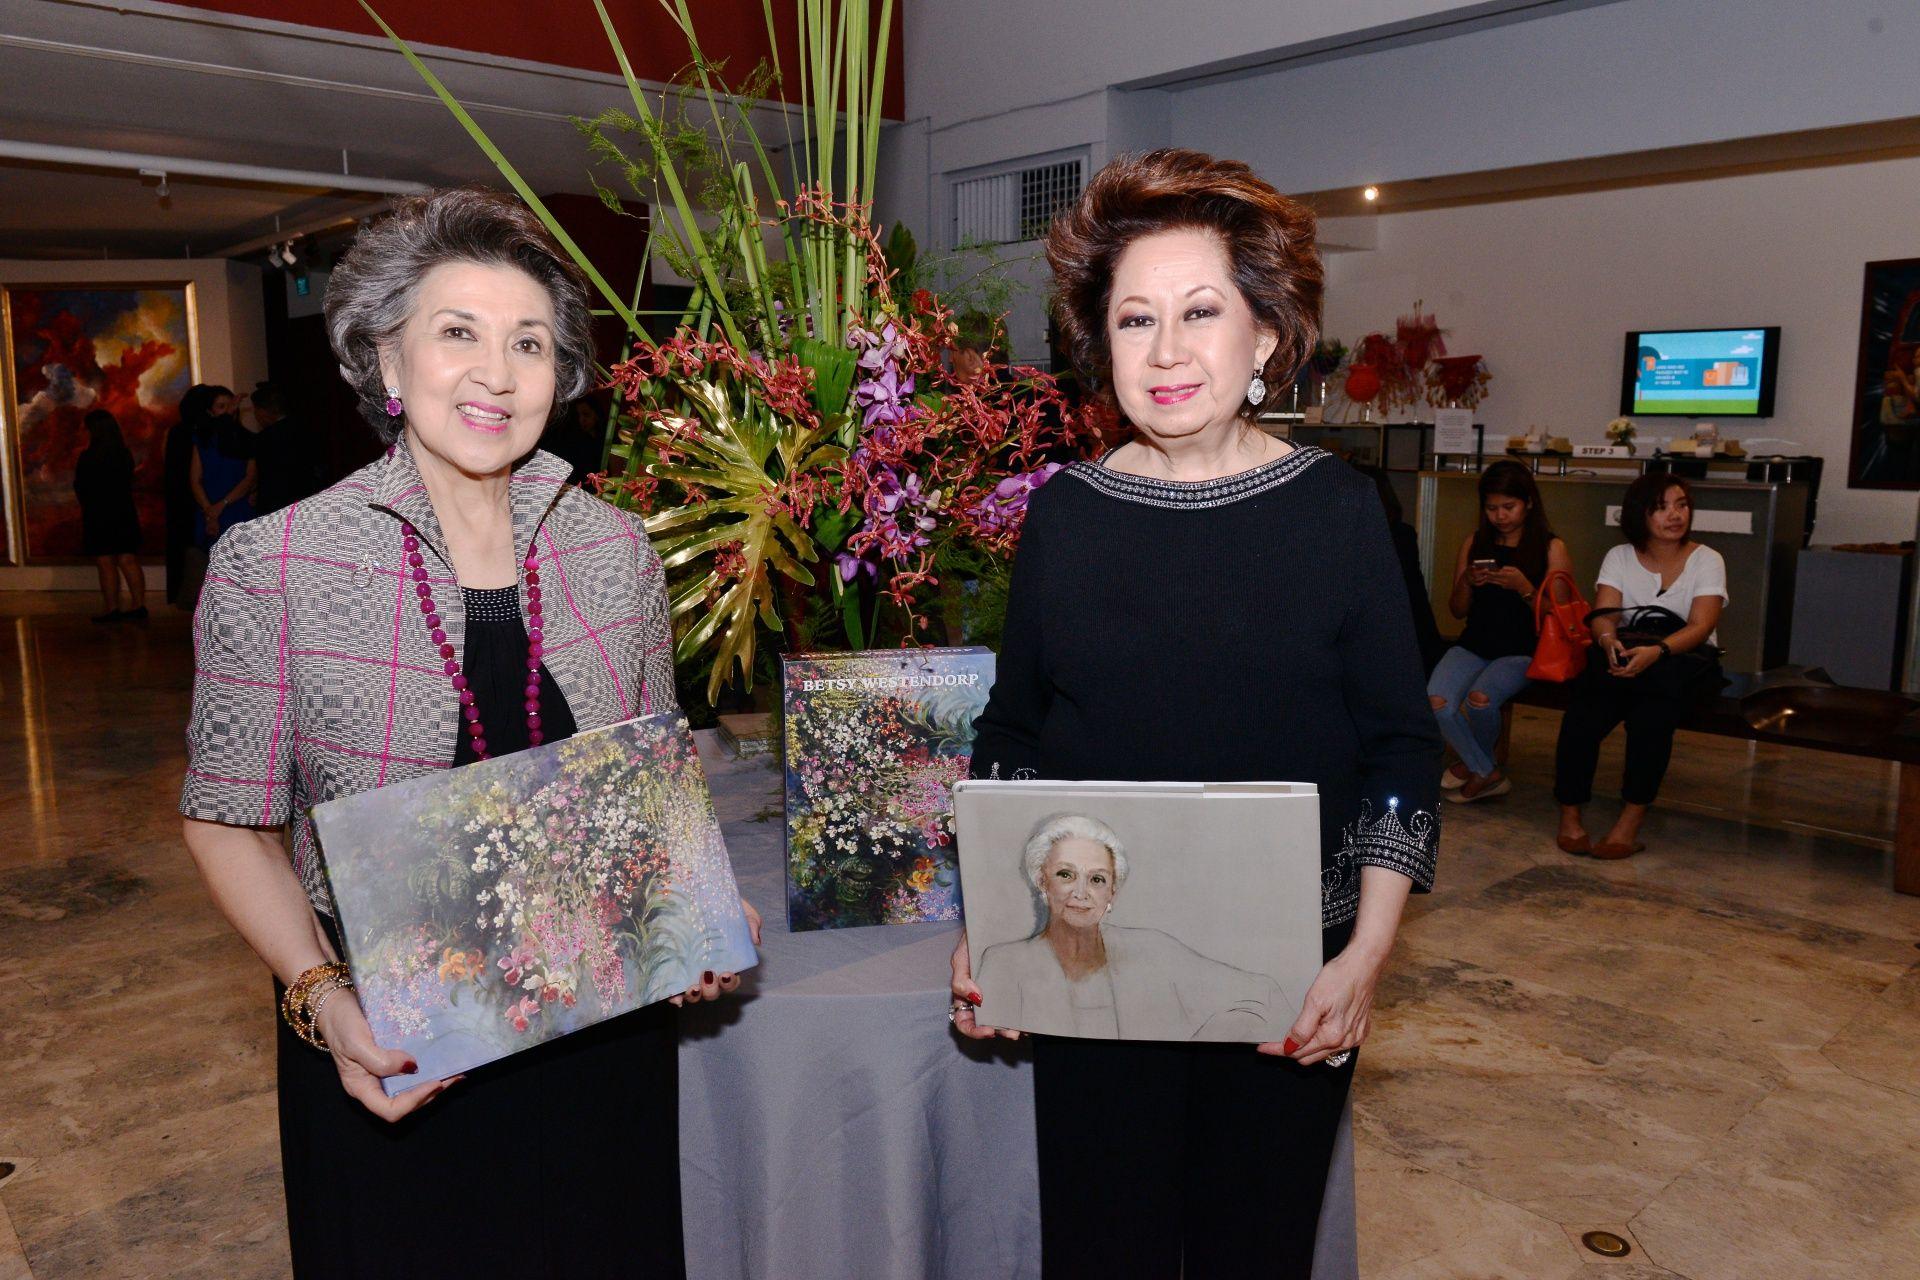 Maritess Pineda and Olga Martel